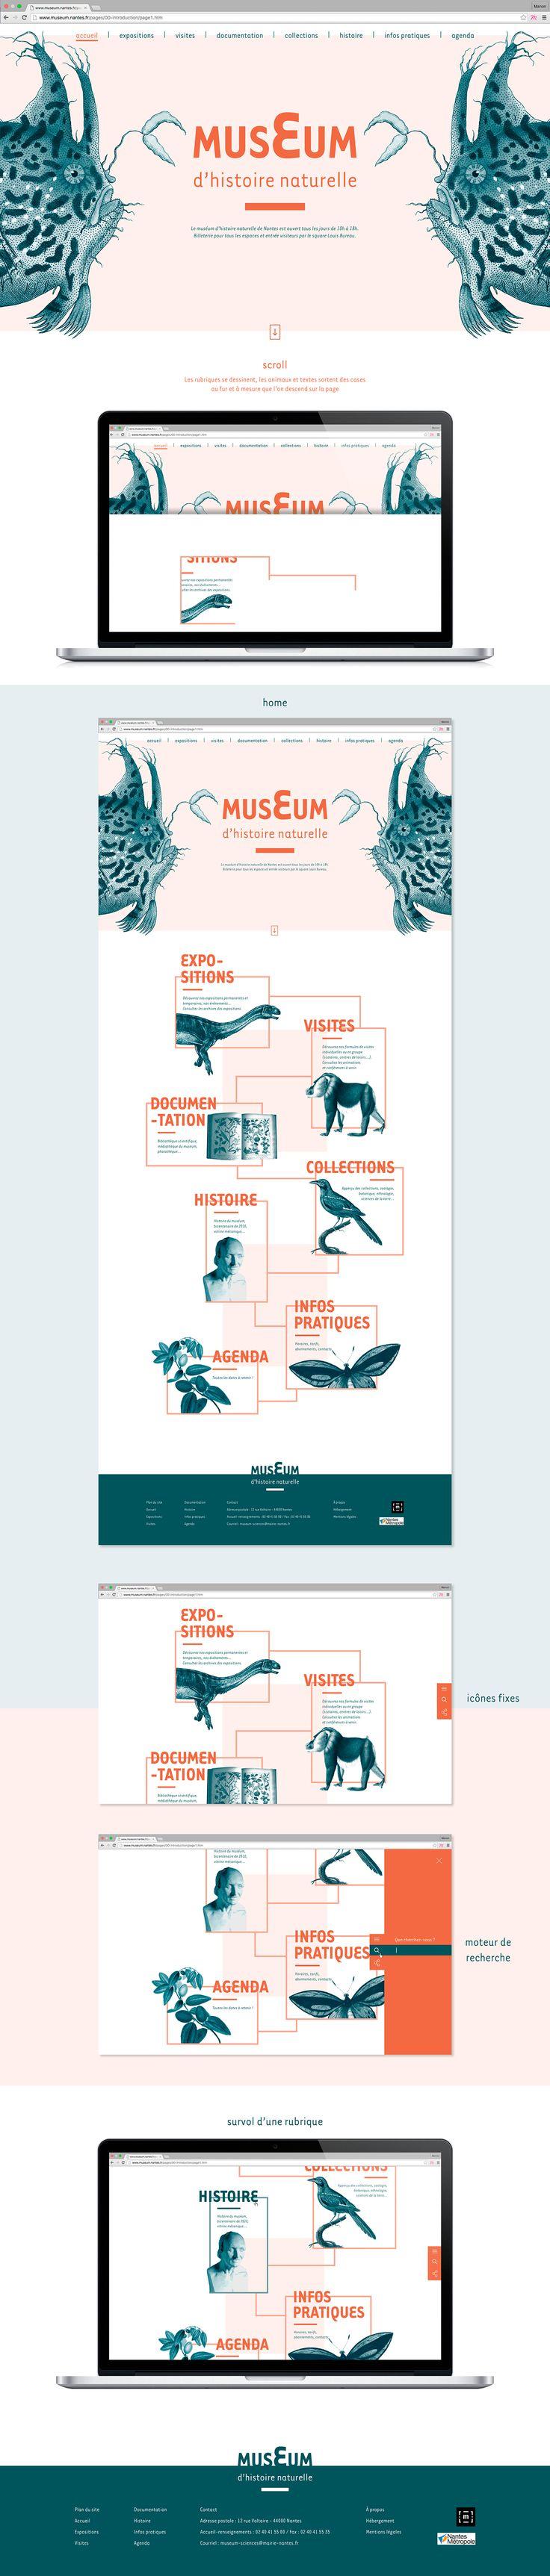 Refonte du site web du museum d'histoire naturelle de Nantes.(Projet fictif) – Andres Osorio